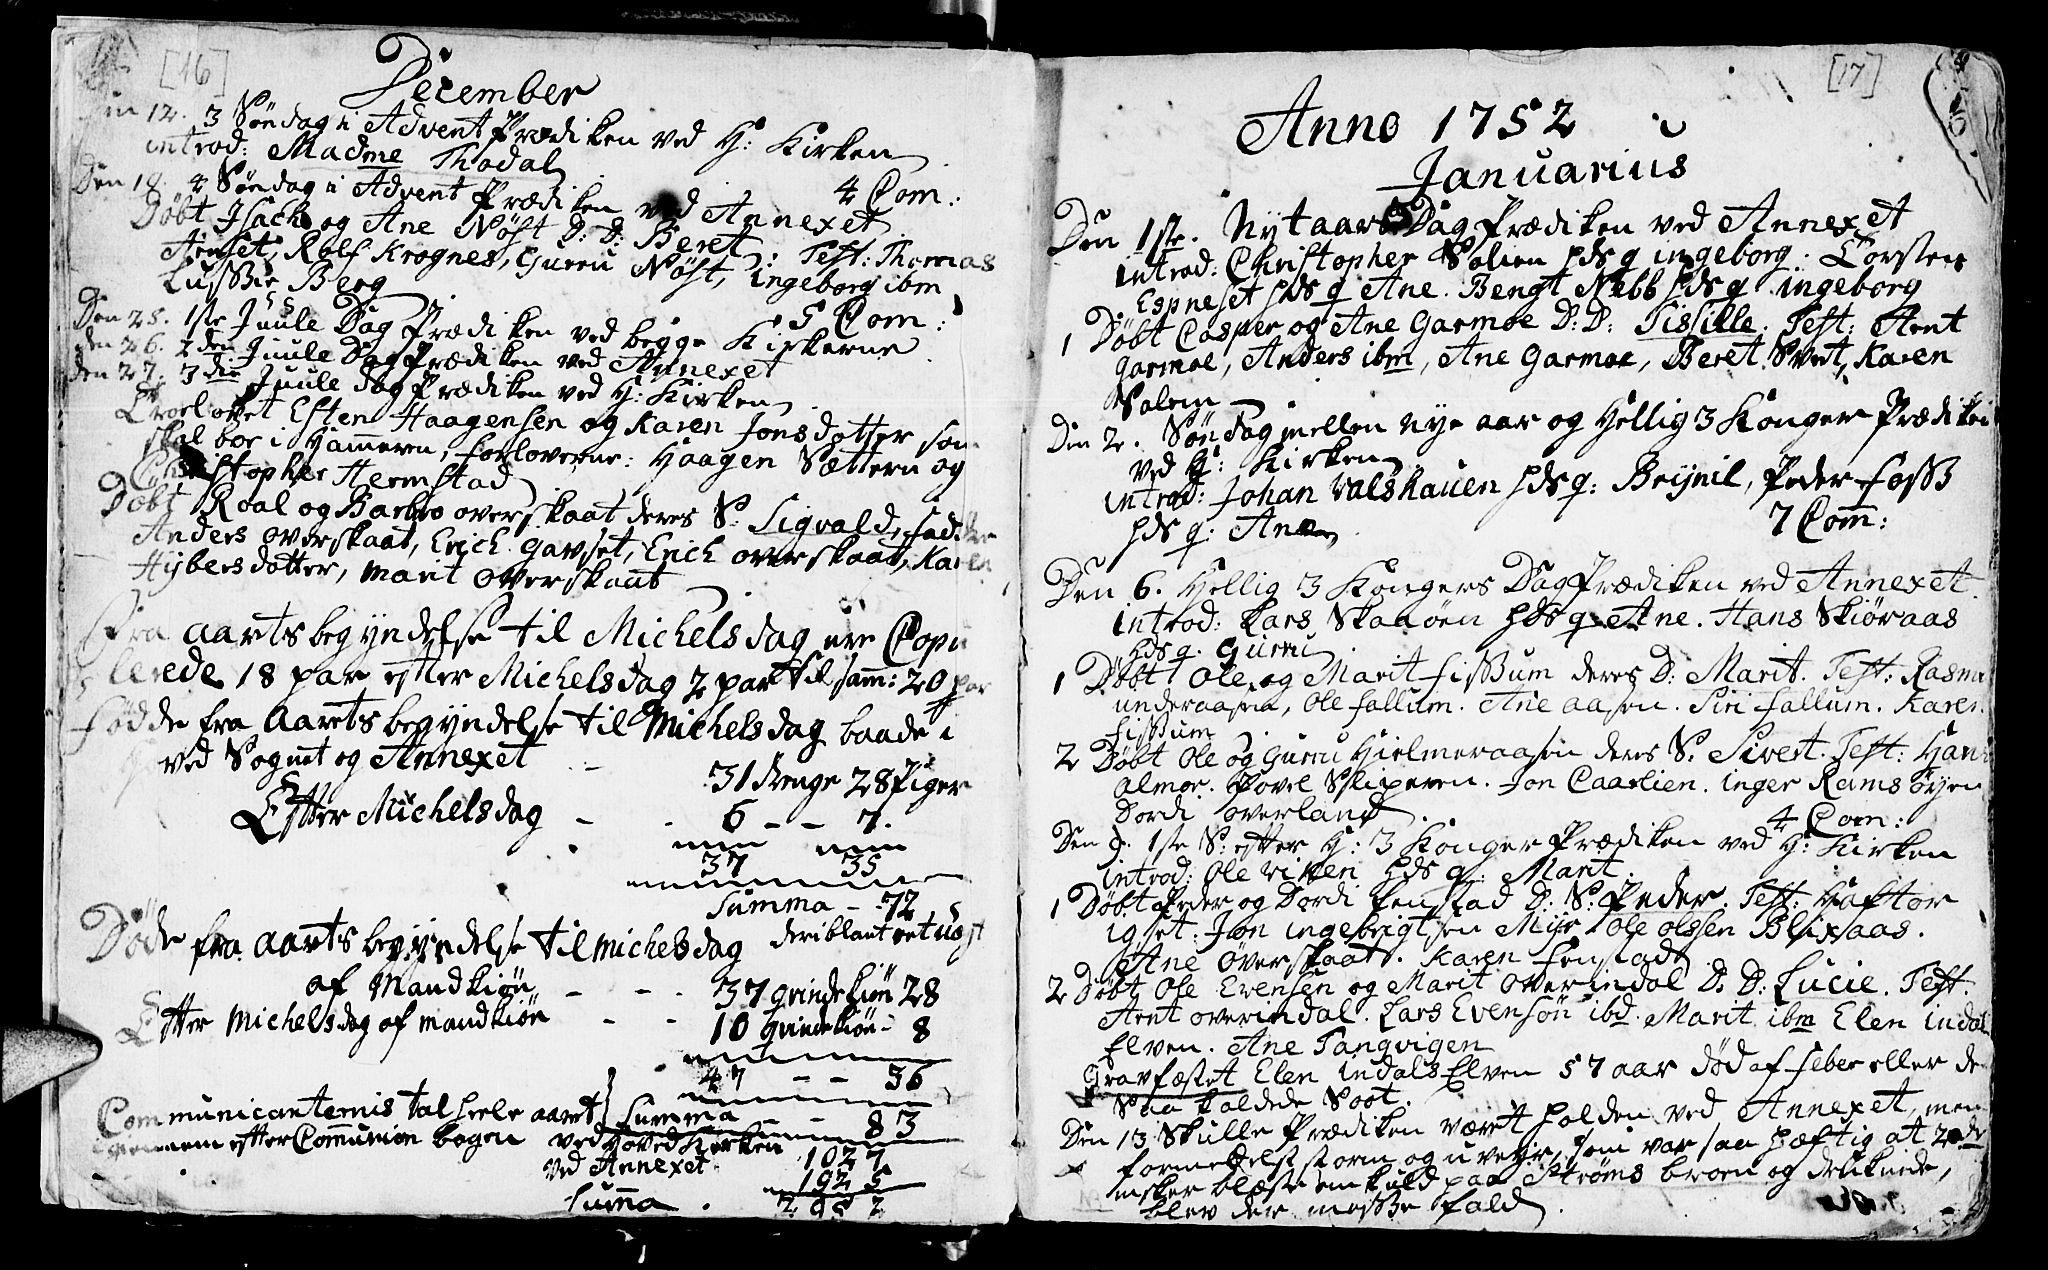 SAT, Ministerialprotokoller, klokkerbøker og fødselsregistre - Sør-Trøndelag, 646/L0605: Ministerialbok nr. 646A03, 1751-1790, s. 16-17